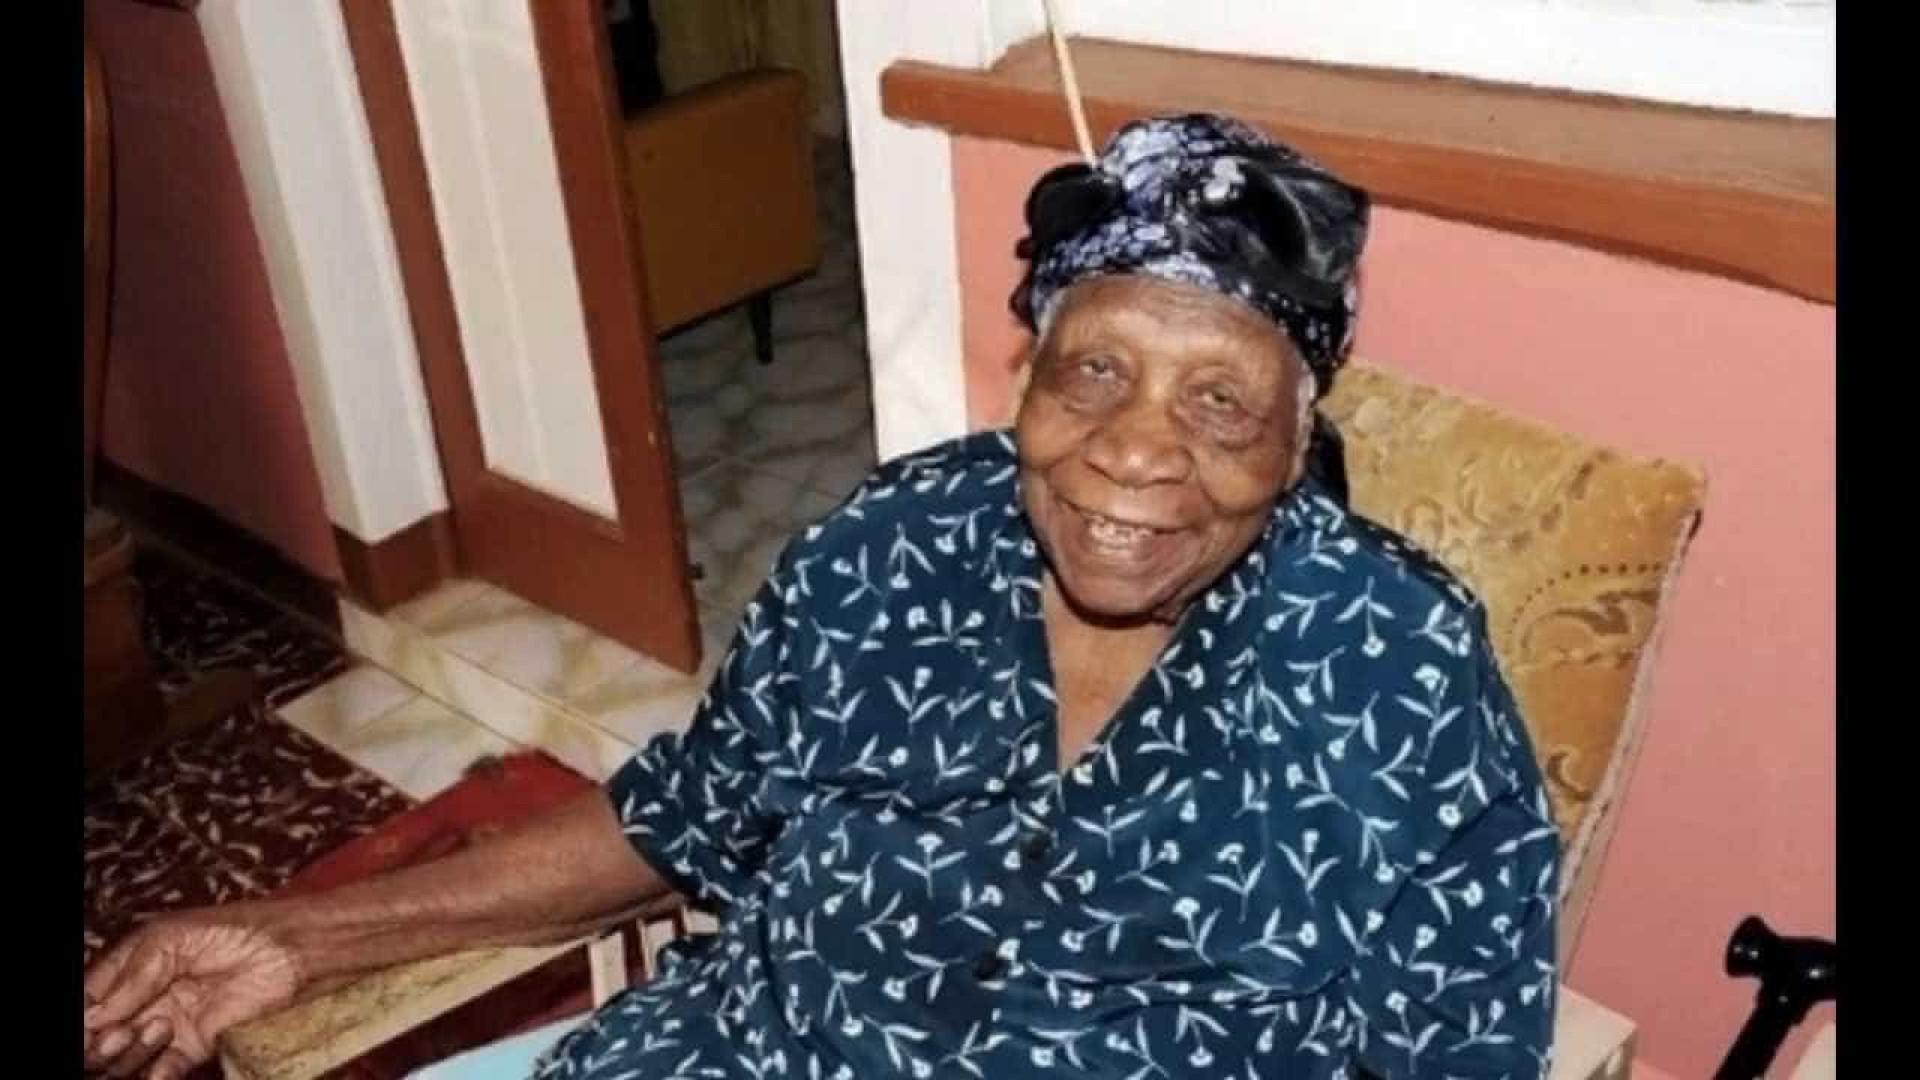 Morre, aos 117 anos, pessoa mais velha do mundo